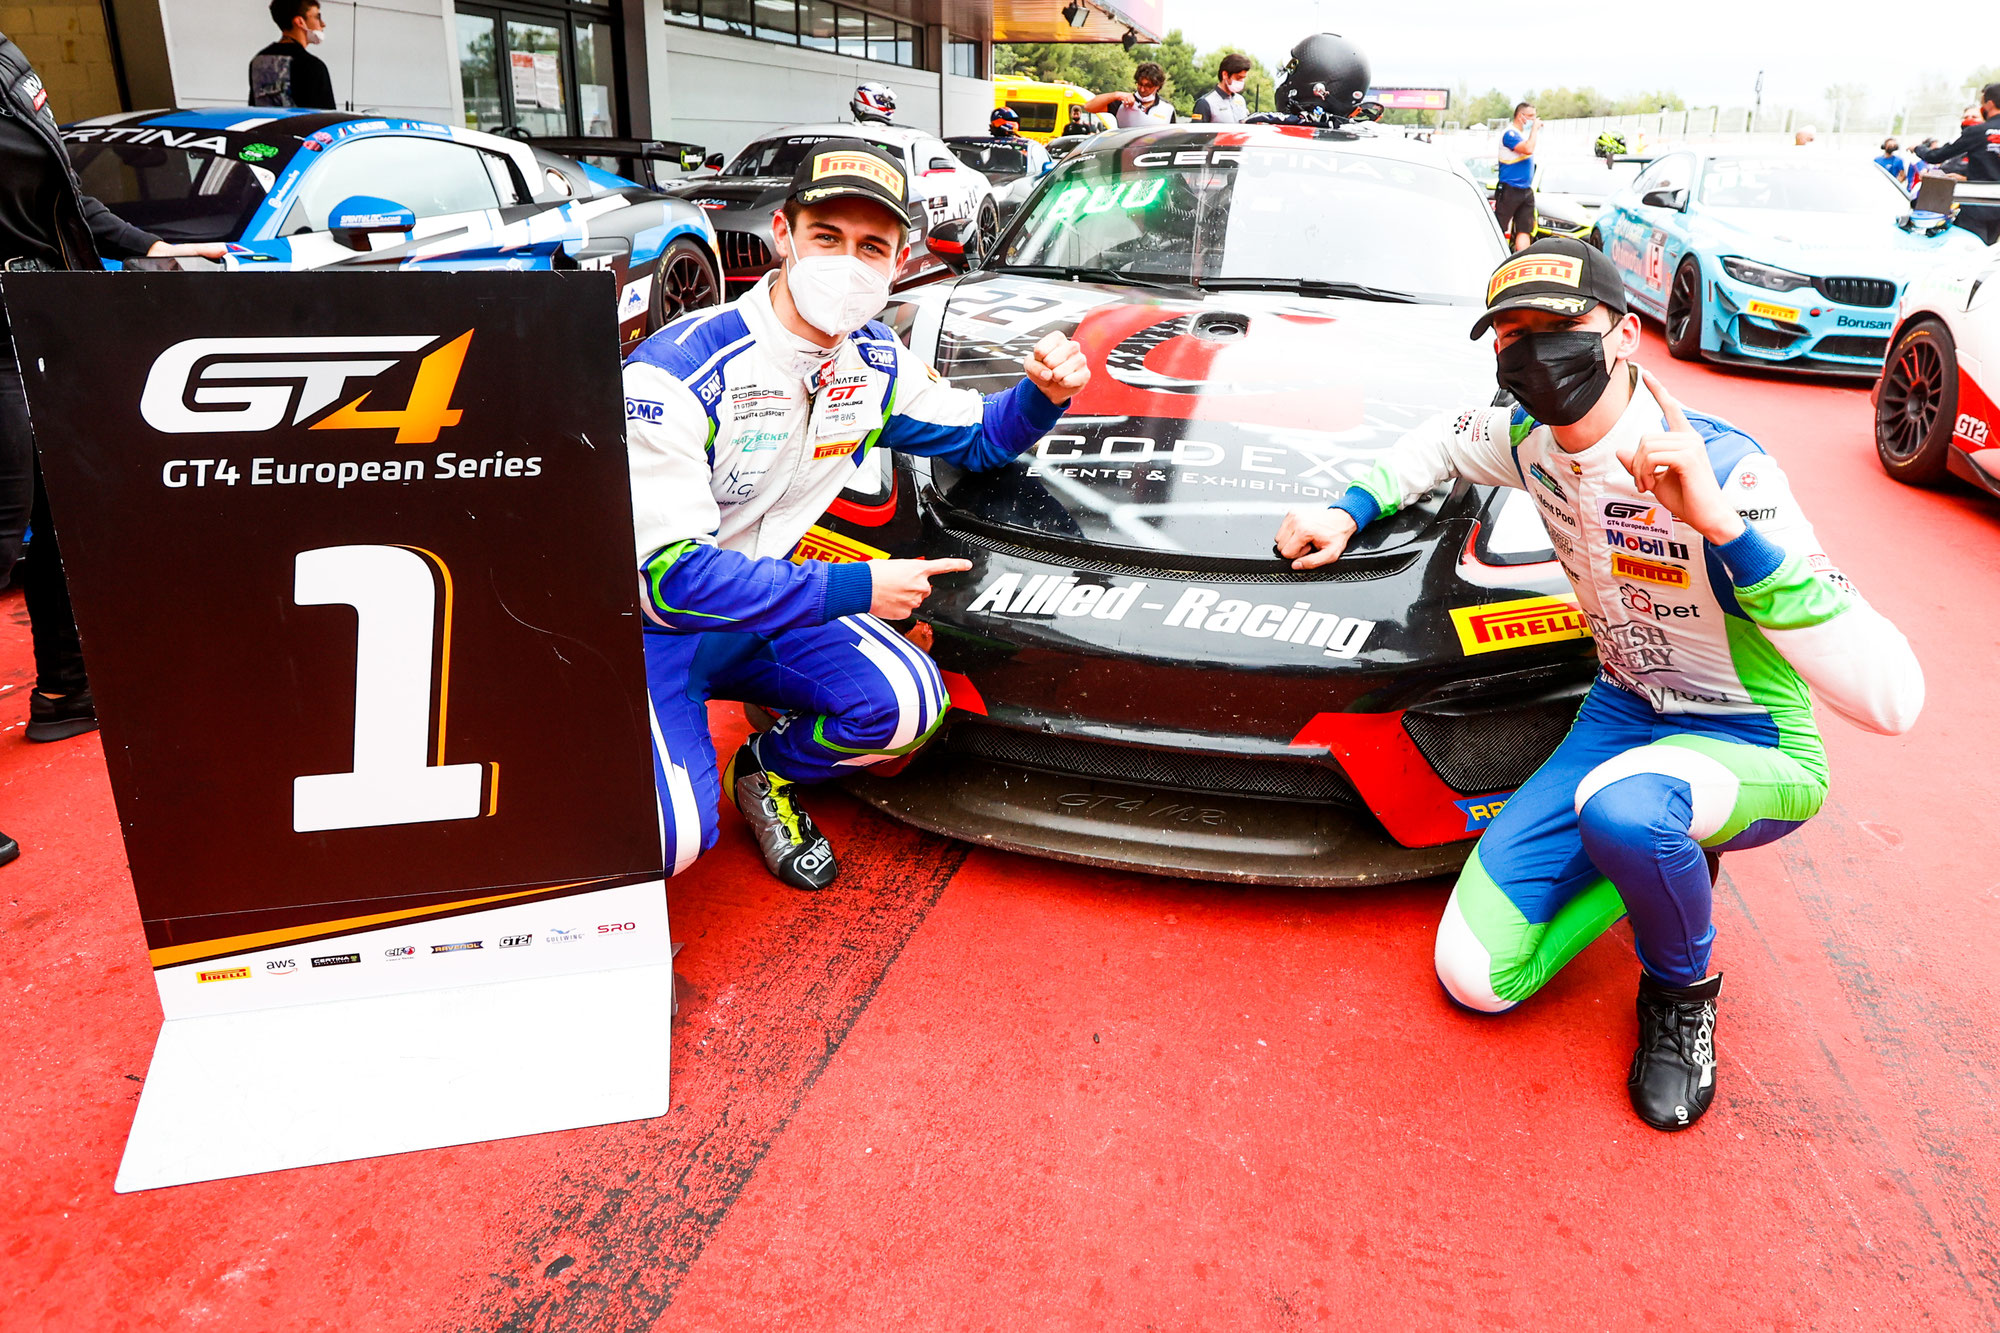 GT4 European Series, round 6 und zweiter Auftritt in der GT World Challenge Europe: Joel Sturm dominiert in Barcelona in der GT4